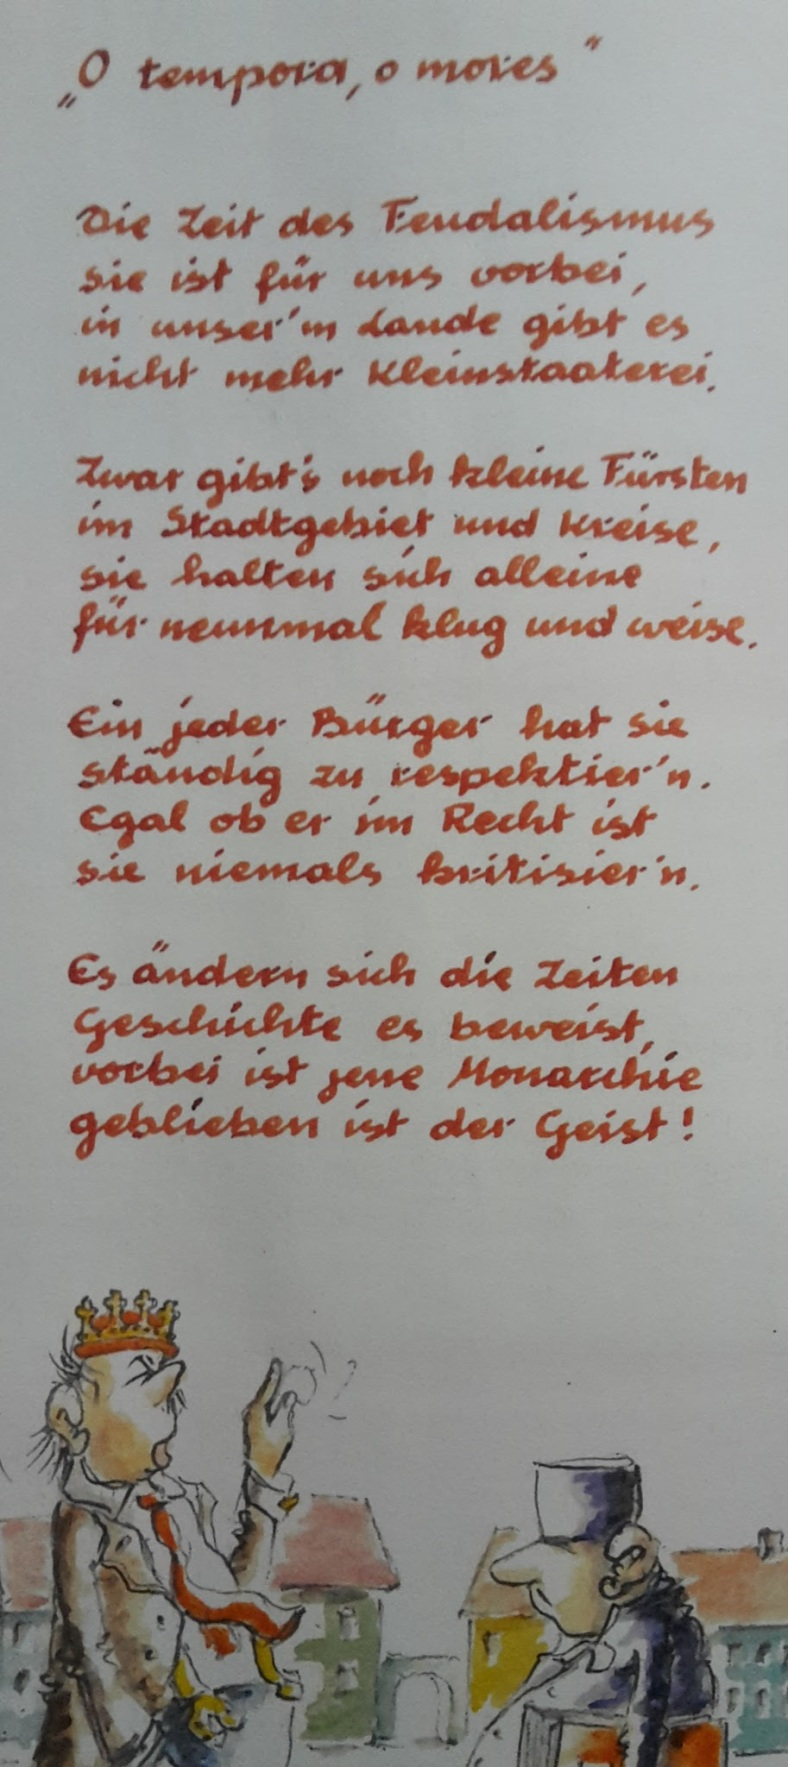 neuzeit_altgeist-gottfr-langlotz